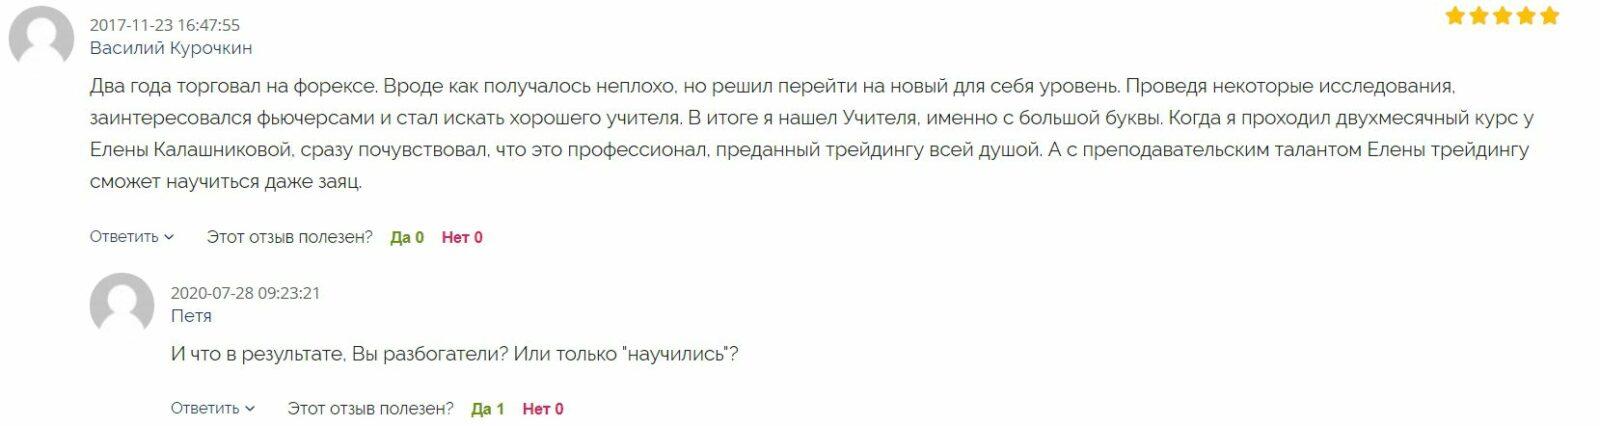 Елена Калашникова отзывы